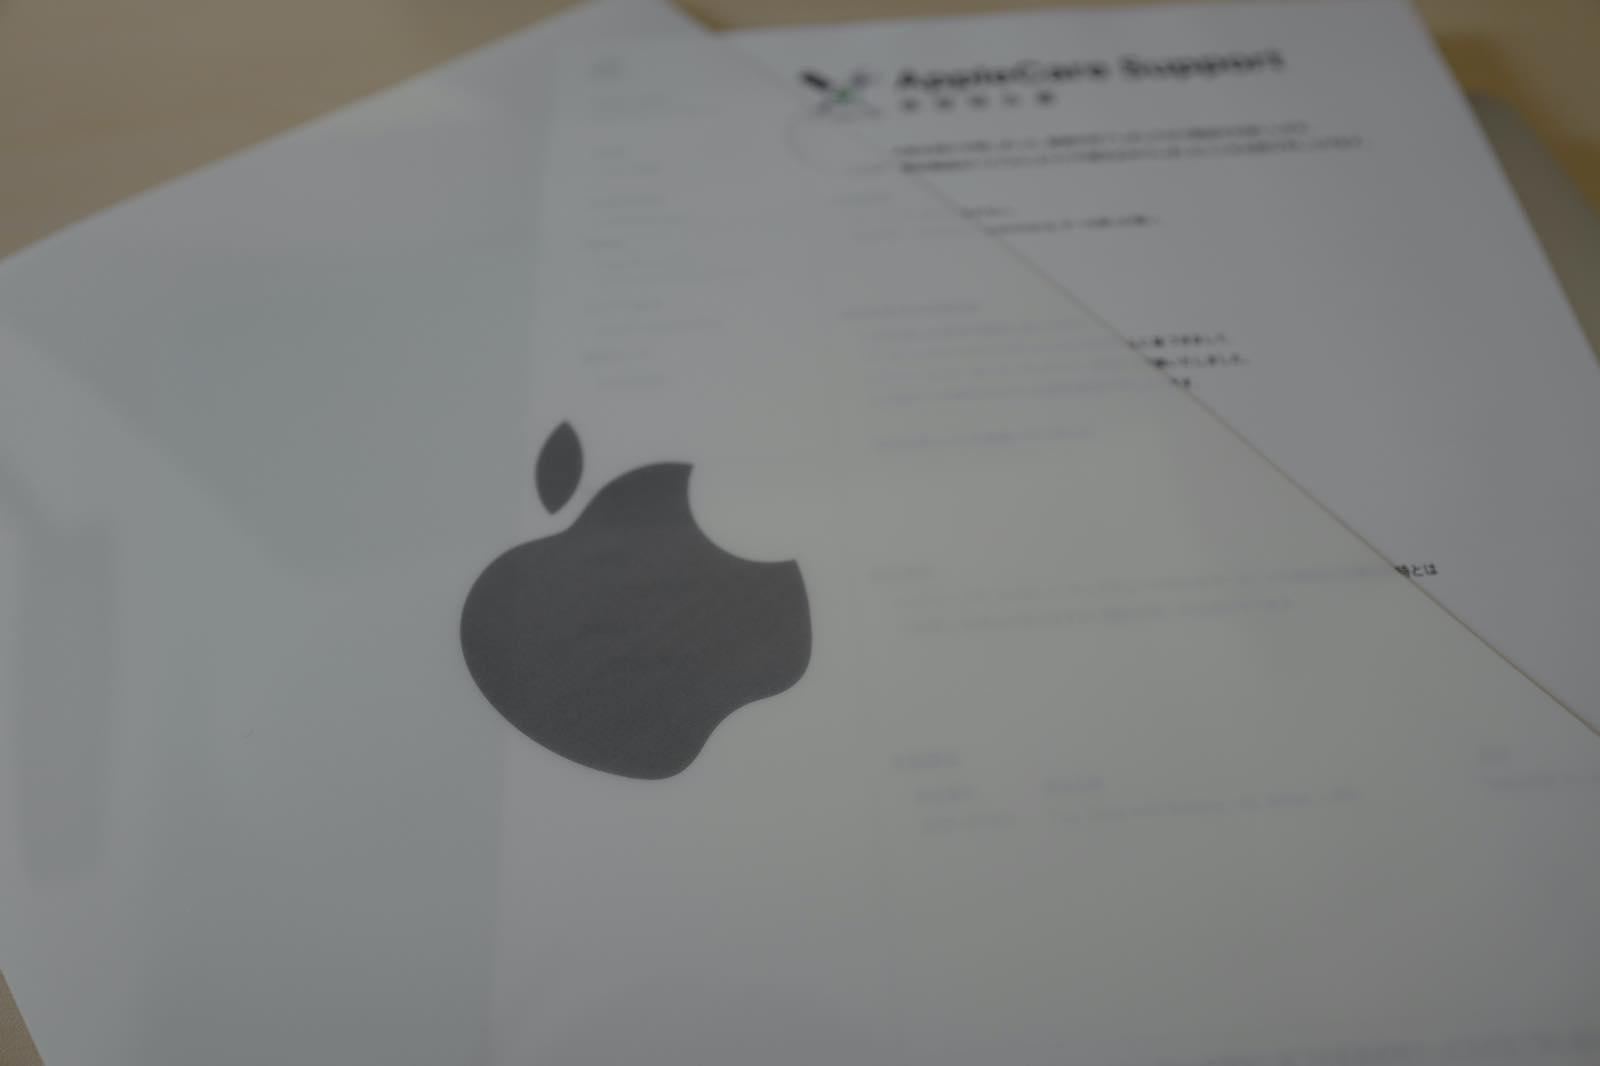 Appleの修理でおなじみのクリアファイル